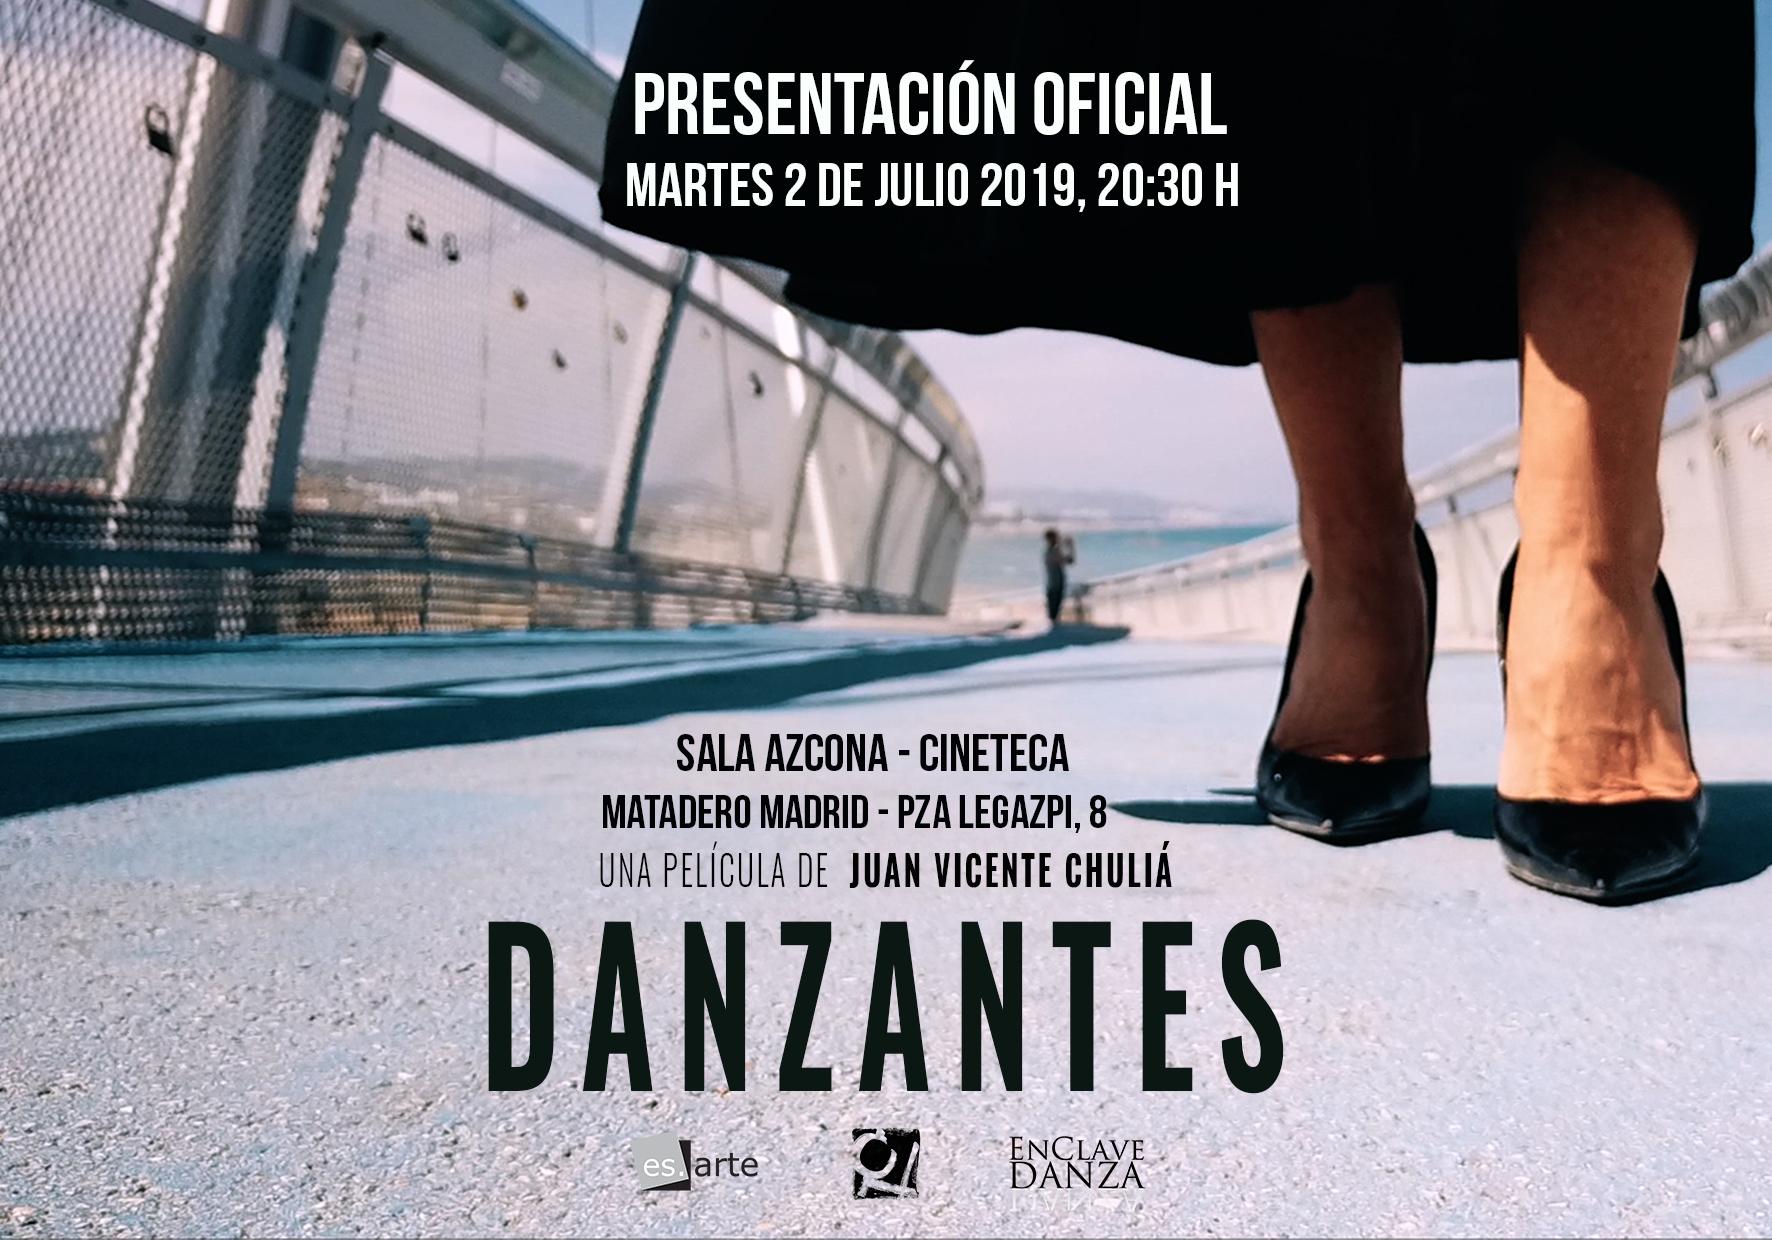 Danzantes: Presentación el 2 de Julio en Cineteca